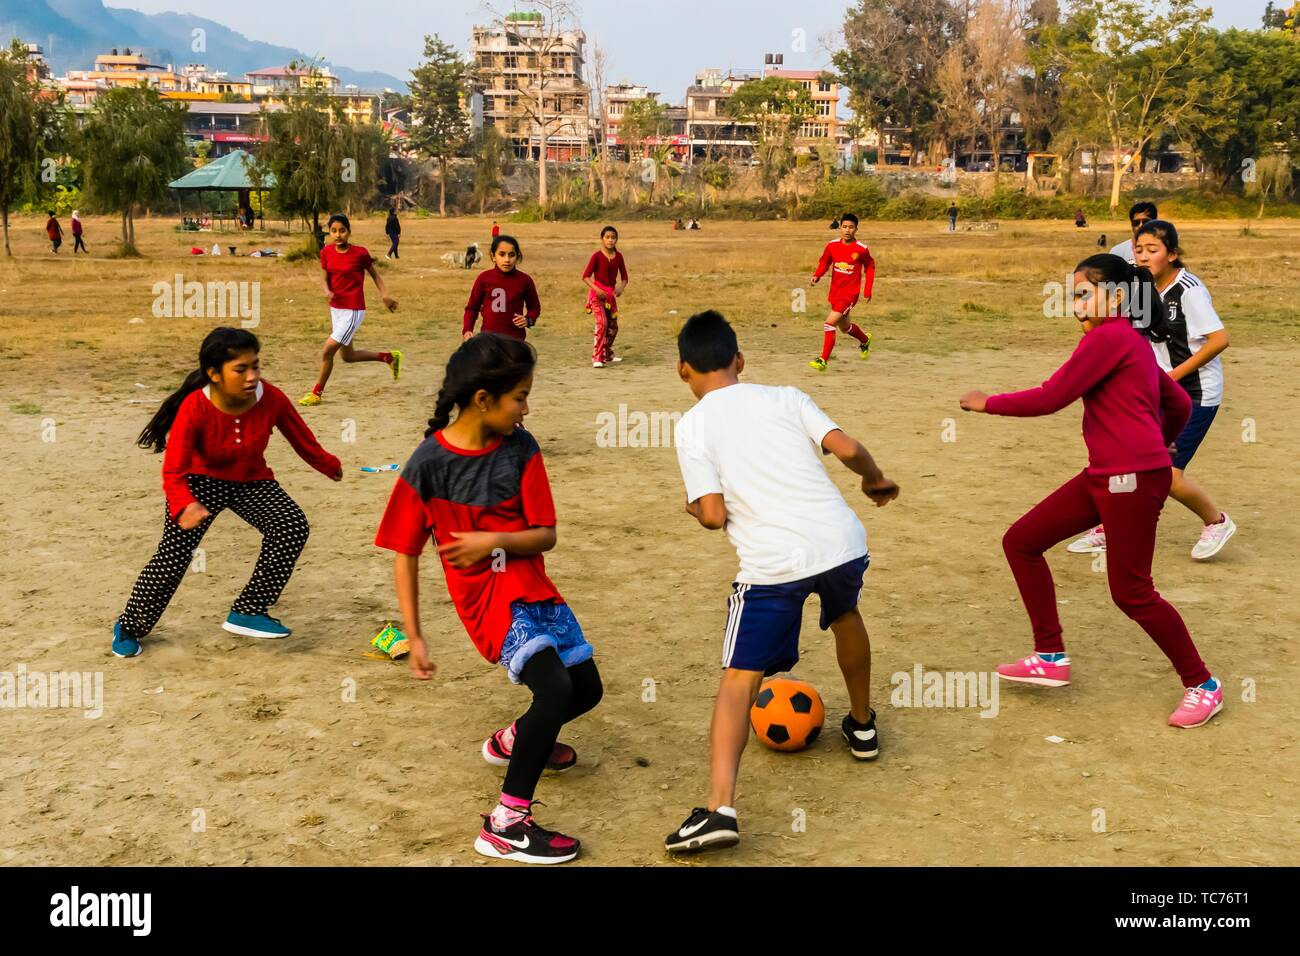 Niñas y niños jugando al fútbol, junto al lago, Pokhara, Nepal. Imagen De Stock